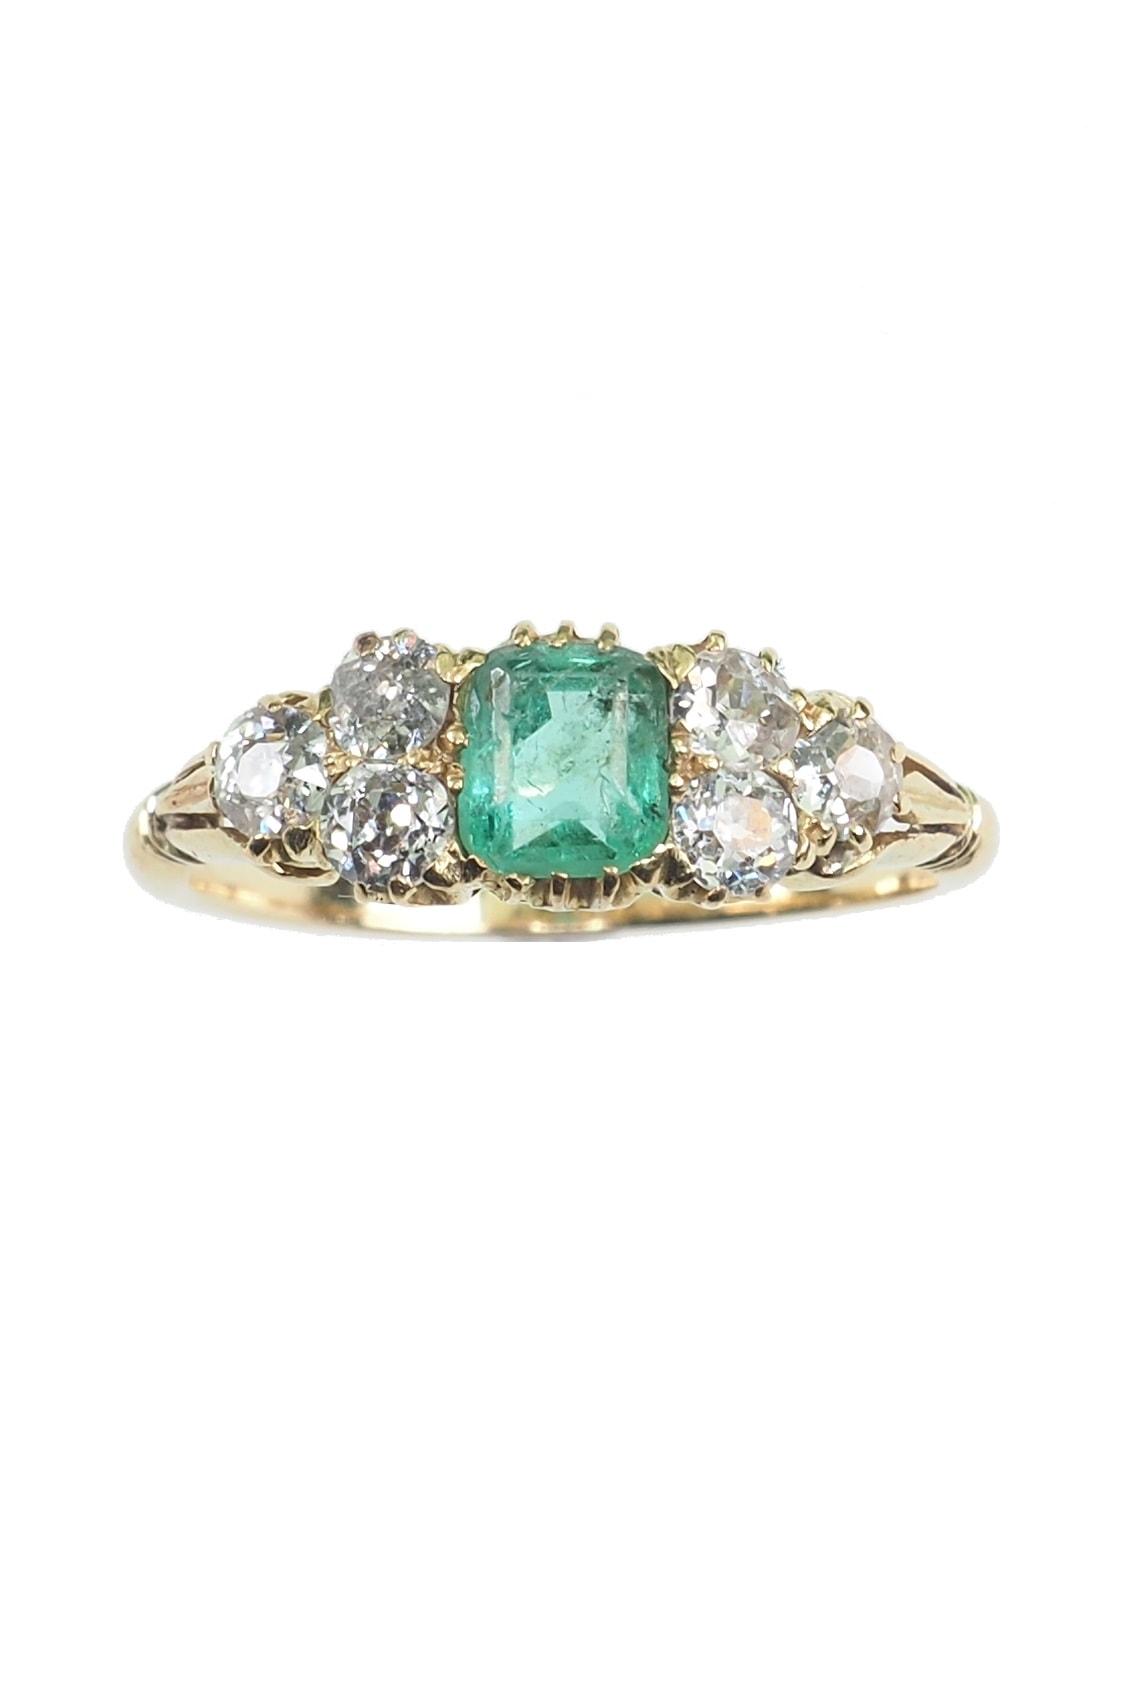 einmalige-Ringe-kaufen-2709